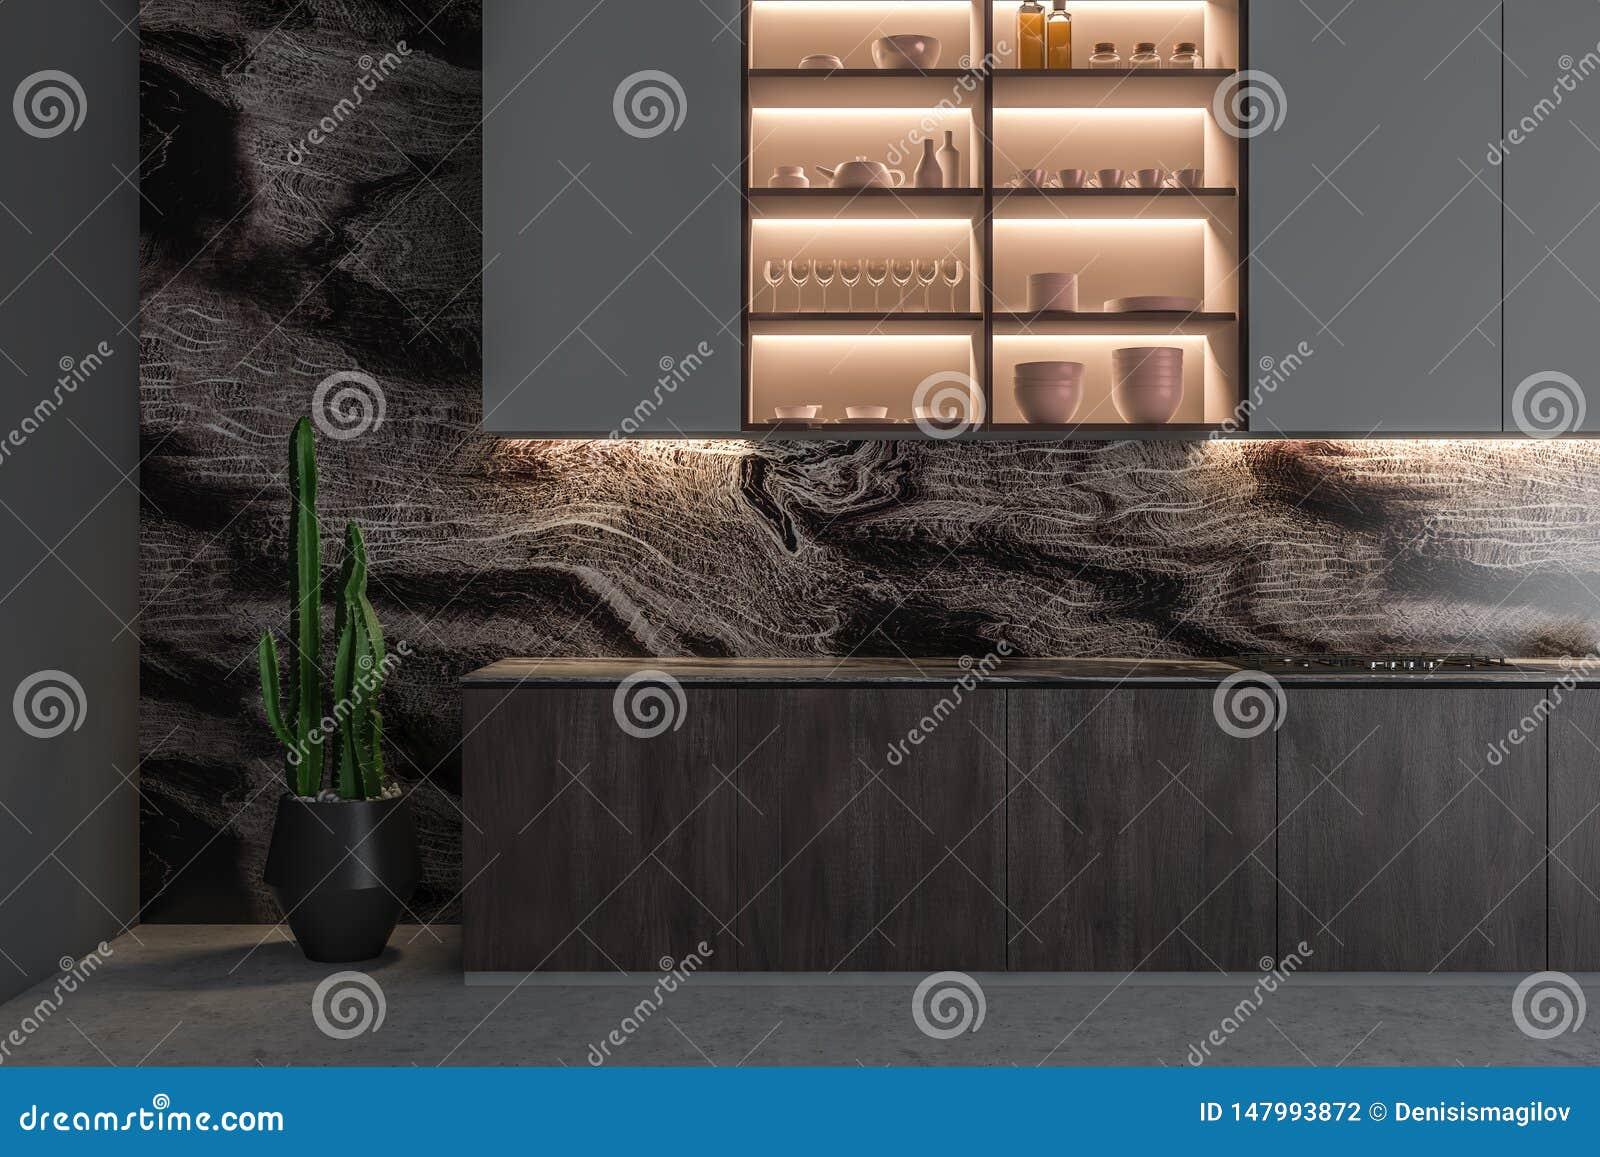 Zamyka w górę szarego kuchennego wnętrza z półkami